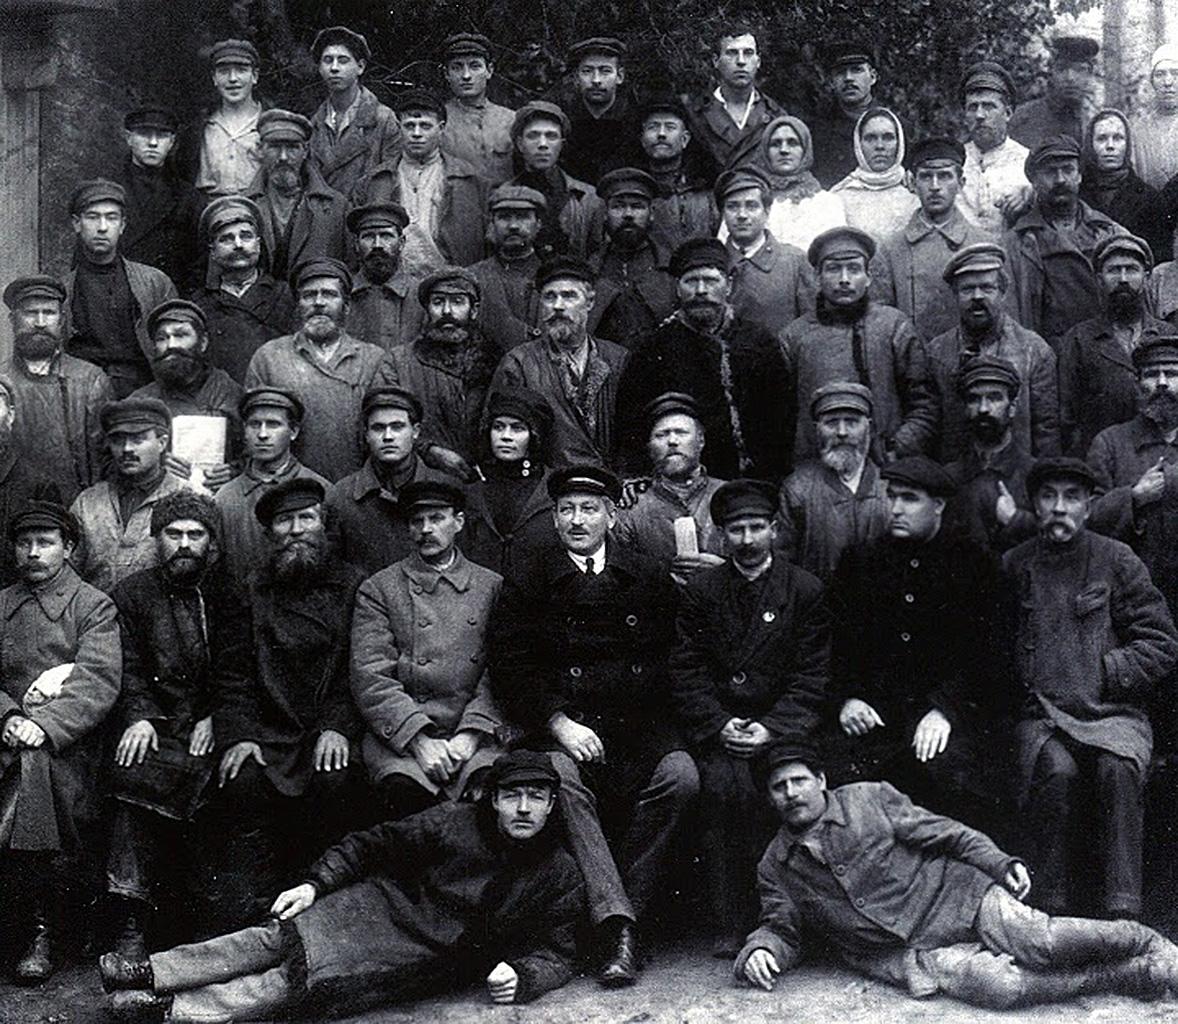 Работники пивоваренного завода им. Стеньки Разина, Ленинград 1924 года.